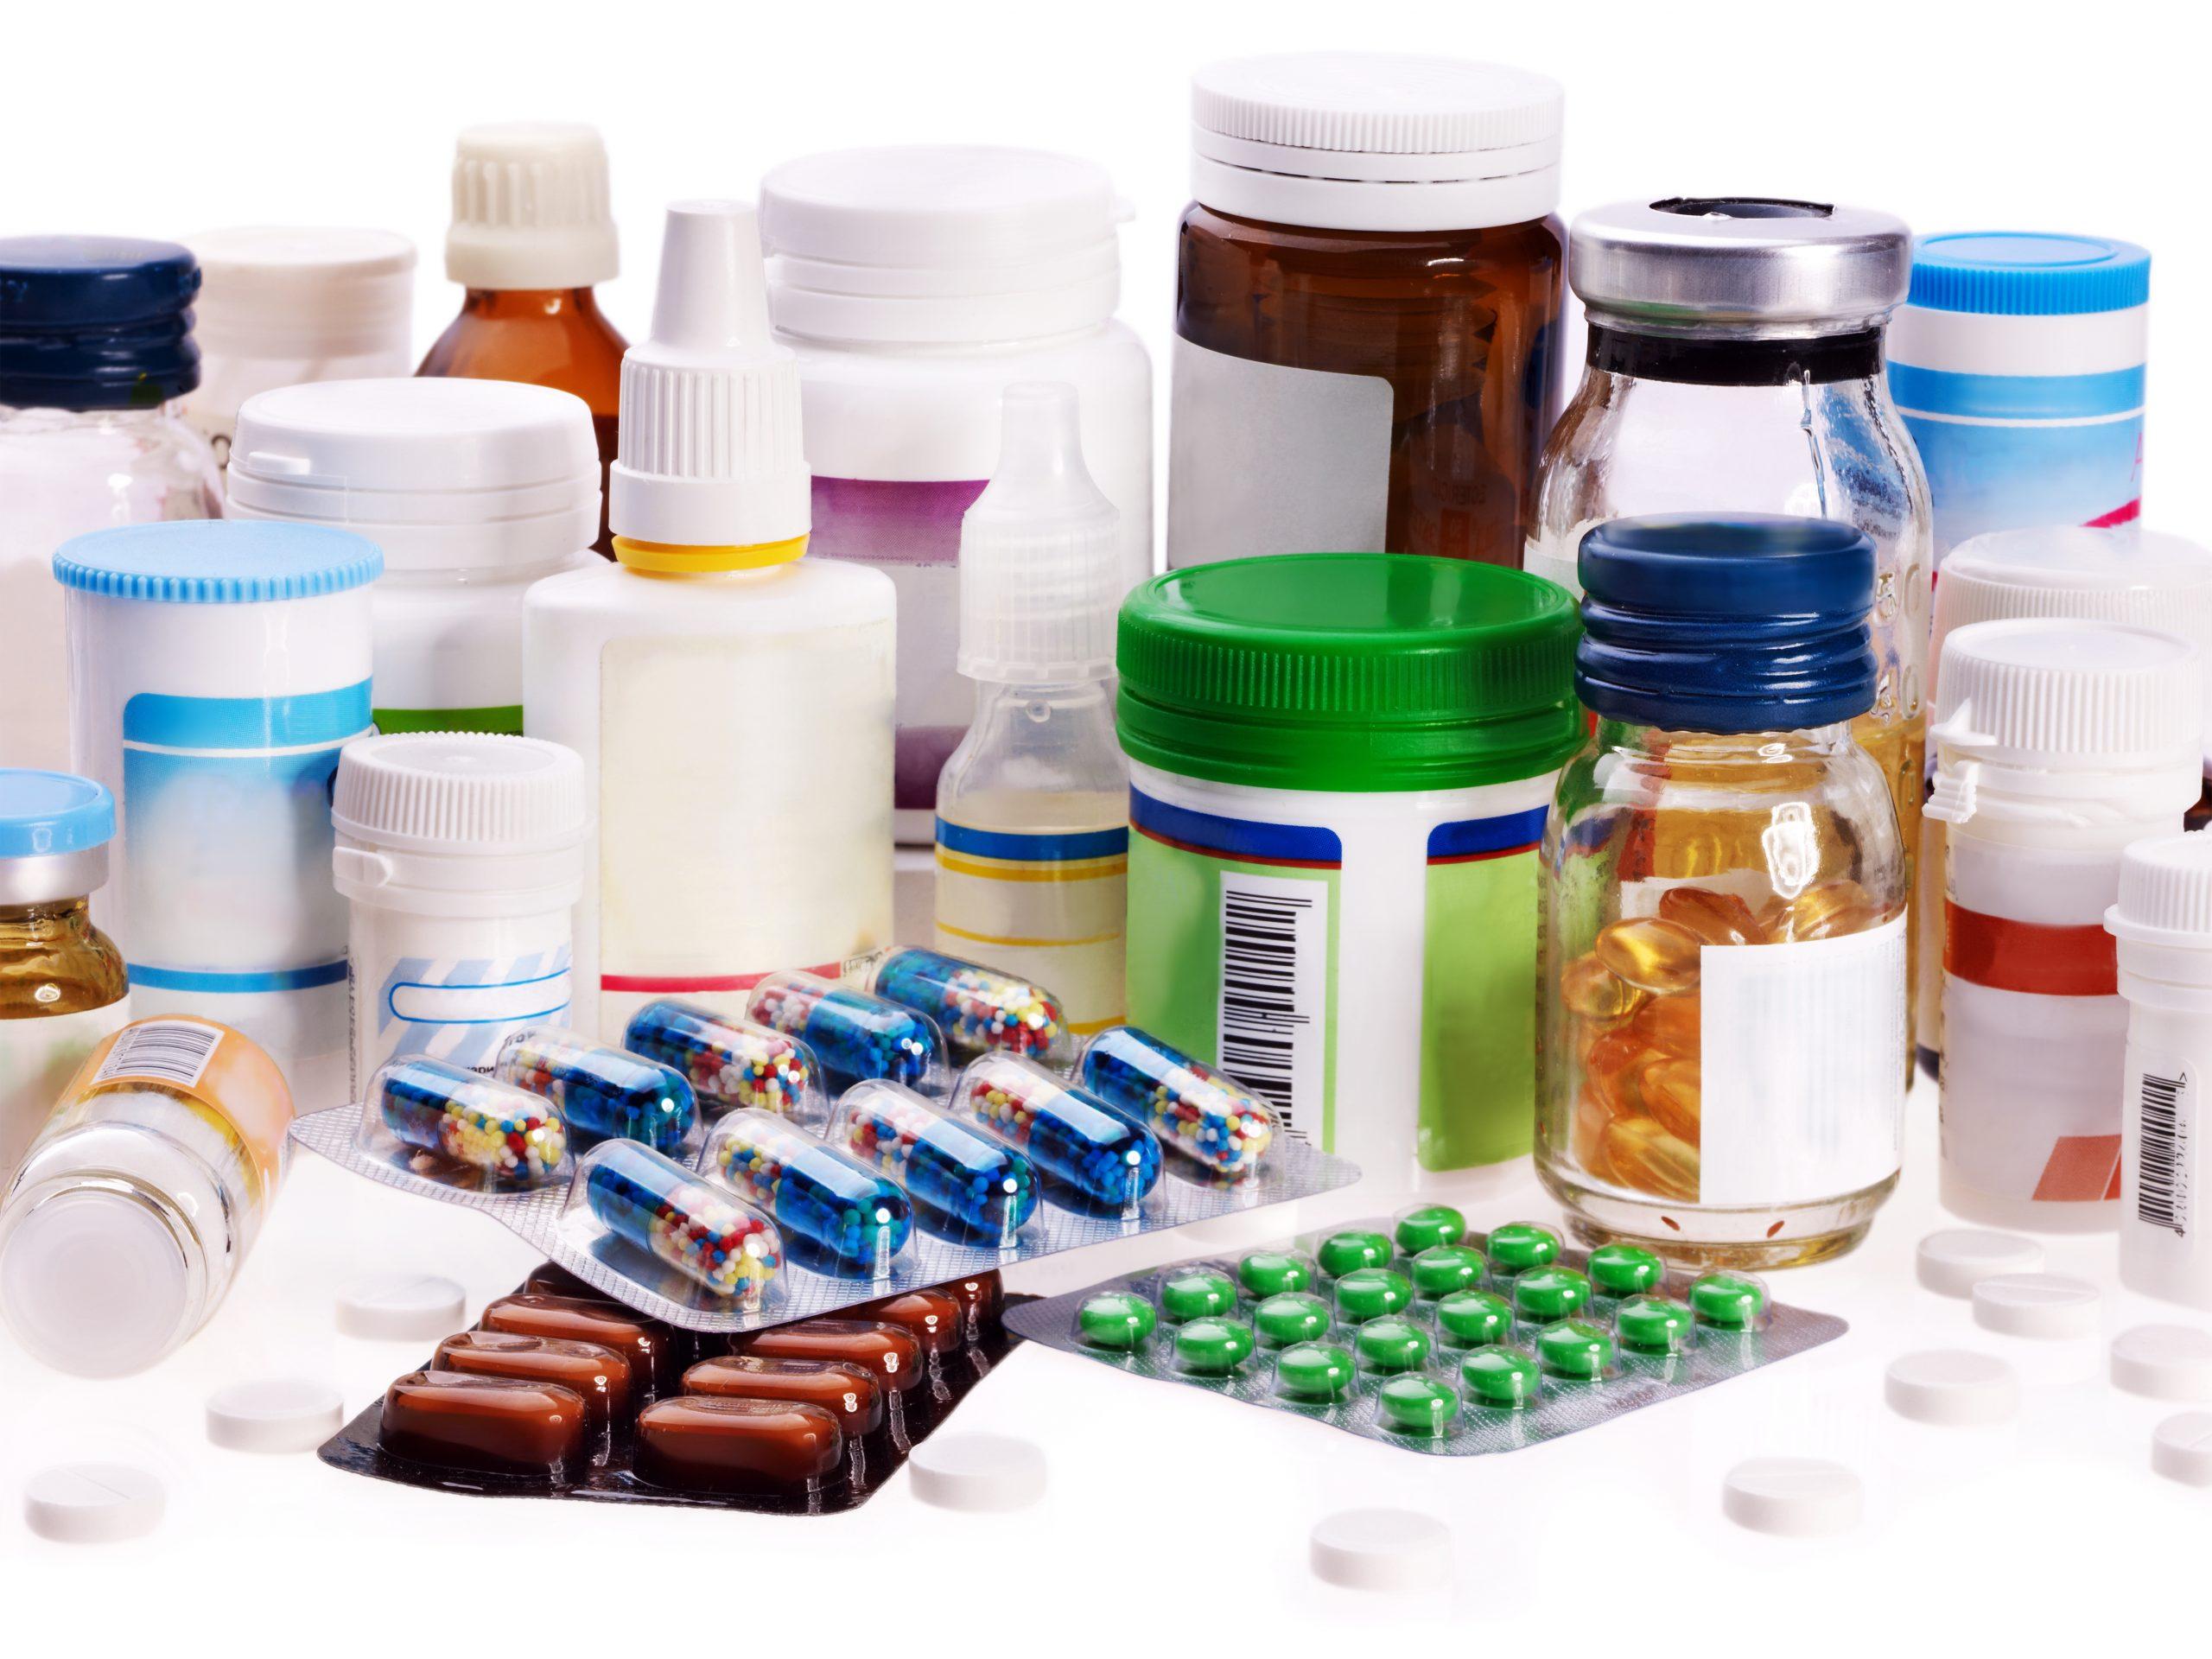 Vitamini, vitamin, suplementi, suplement, lekovi, lek